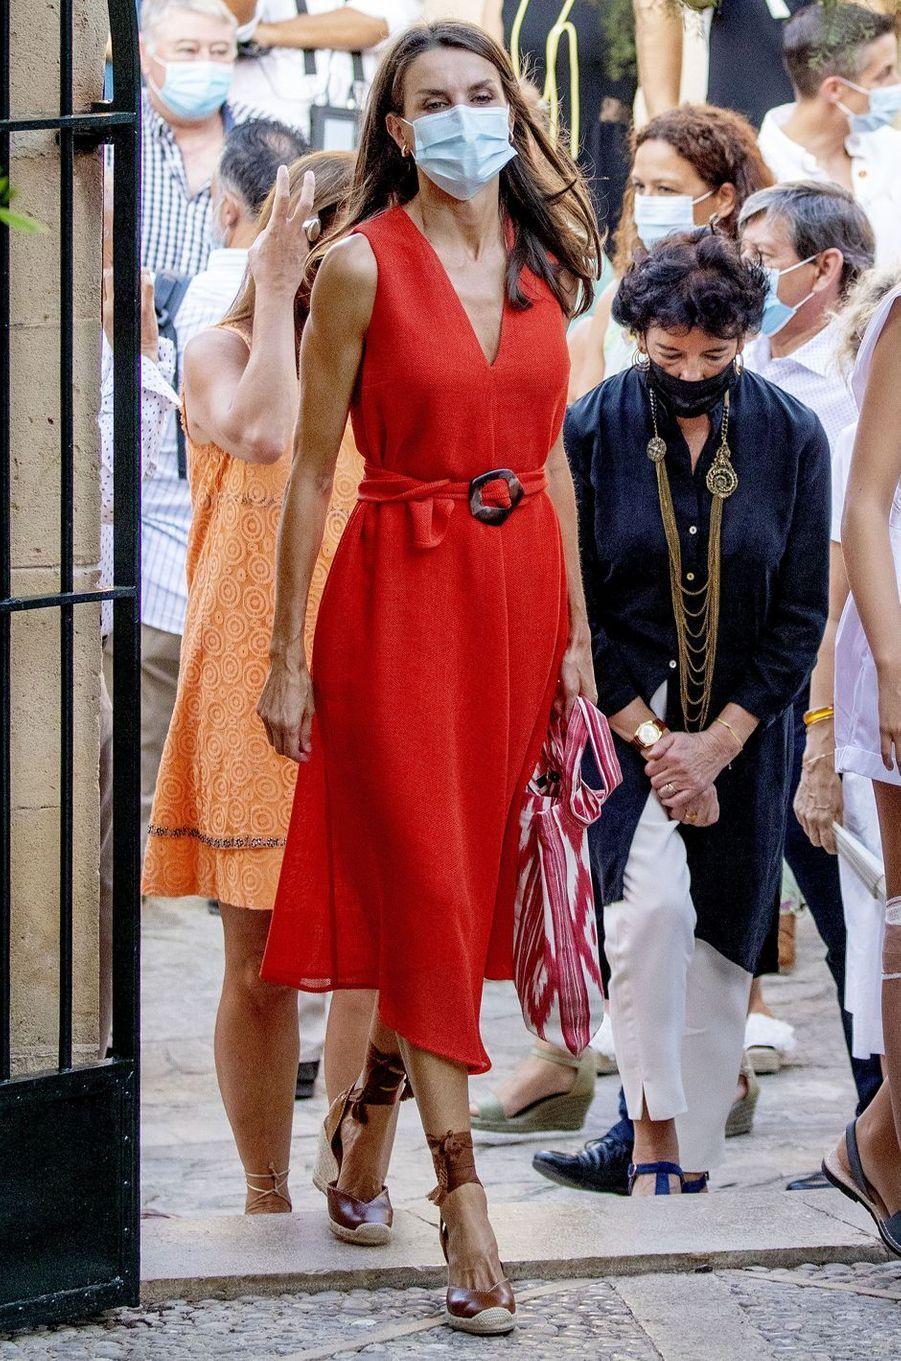 La reine Letizia d'Espagne, dans une robe Adolfo Dominguez, à Petra sur l'île de Majorque, le 10 août 2020